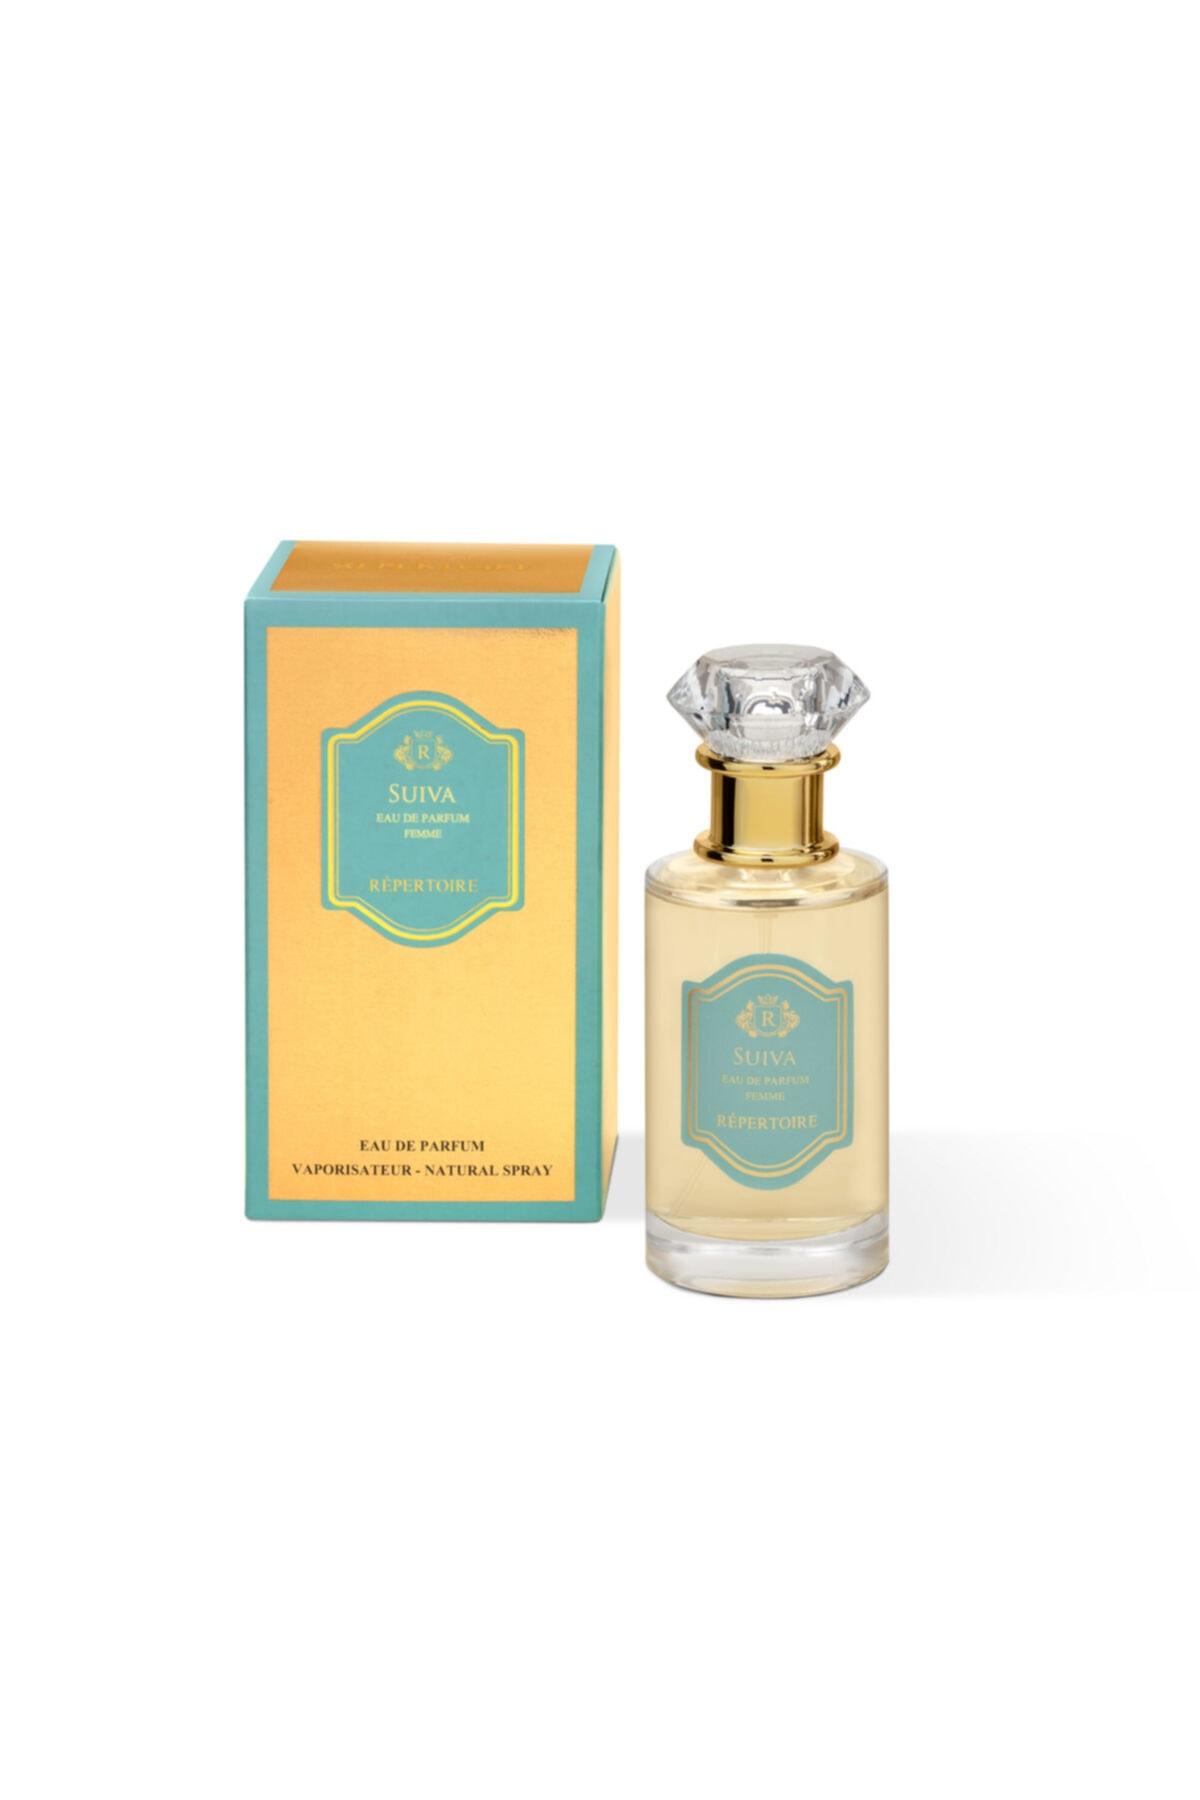 Madame Coco Répertoıre Kadın Eau De Parfum 100 Ml Suiva 1